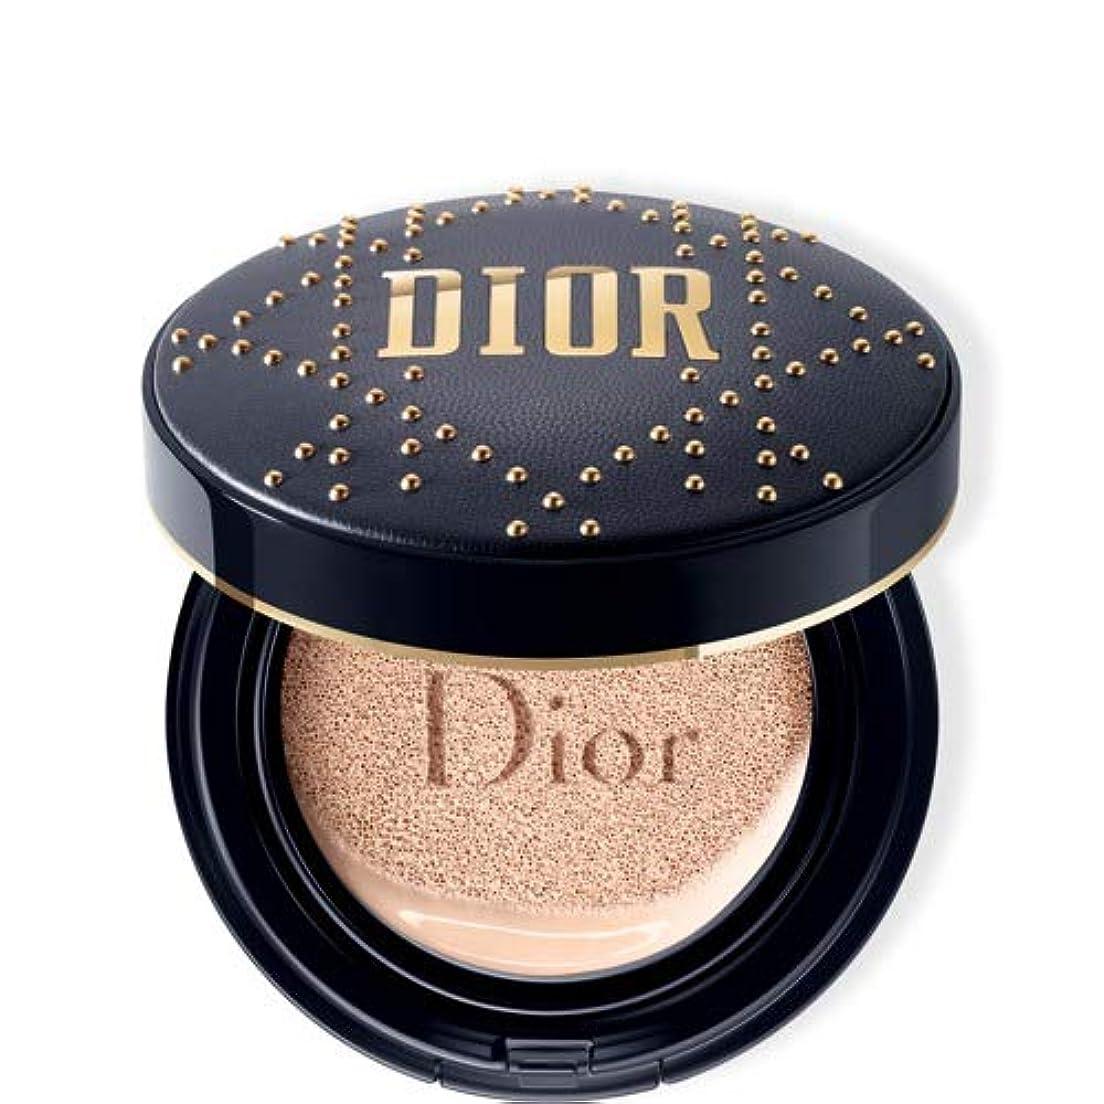 路地マイクロ安全Dior(ディオール)スキン フォーエヴァー クッション - 限定スタッズ カナージュ ケース #020